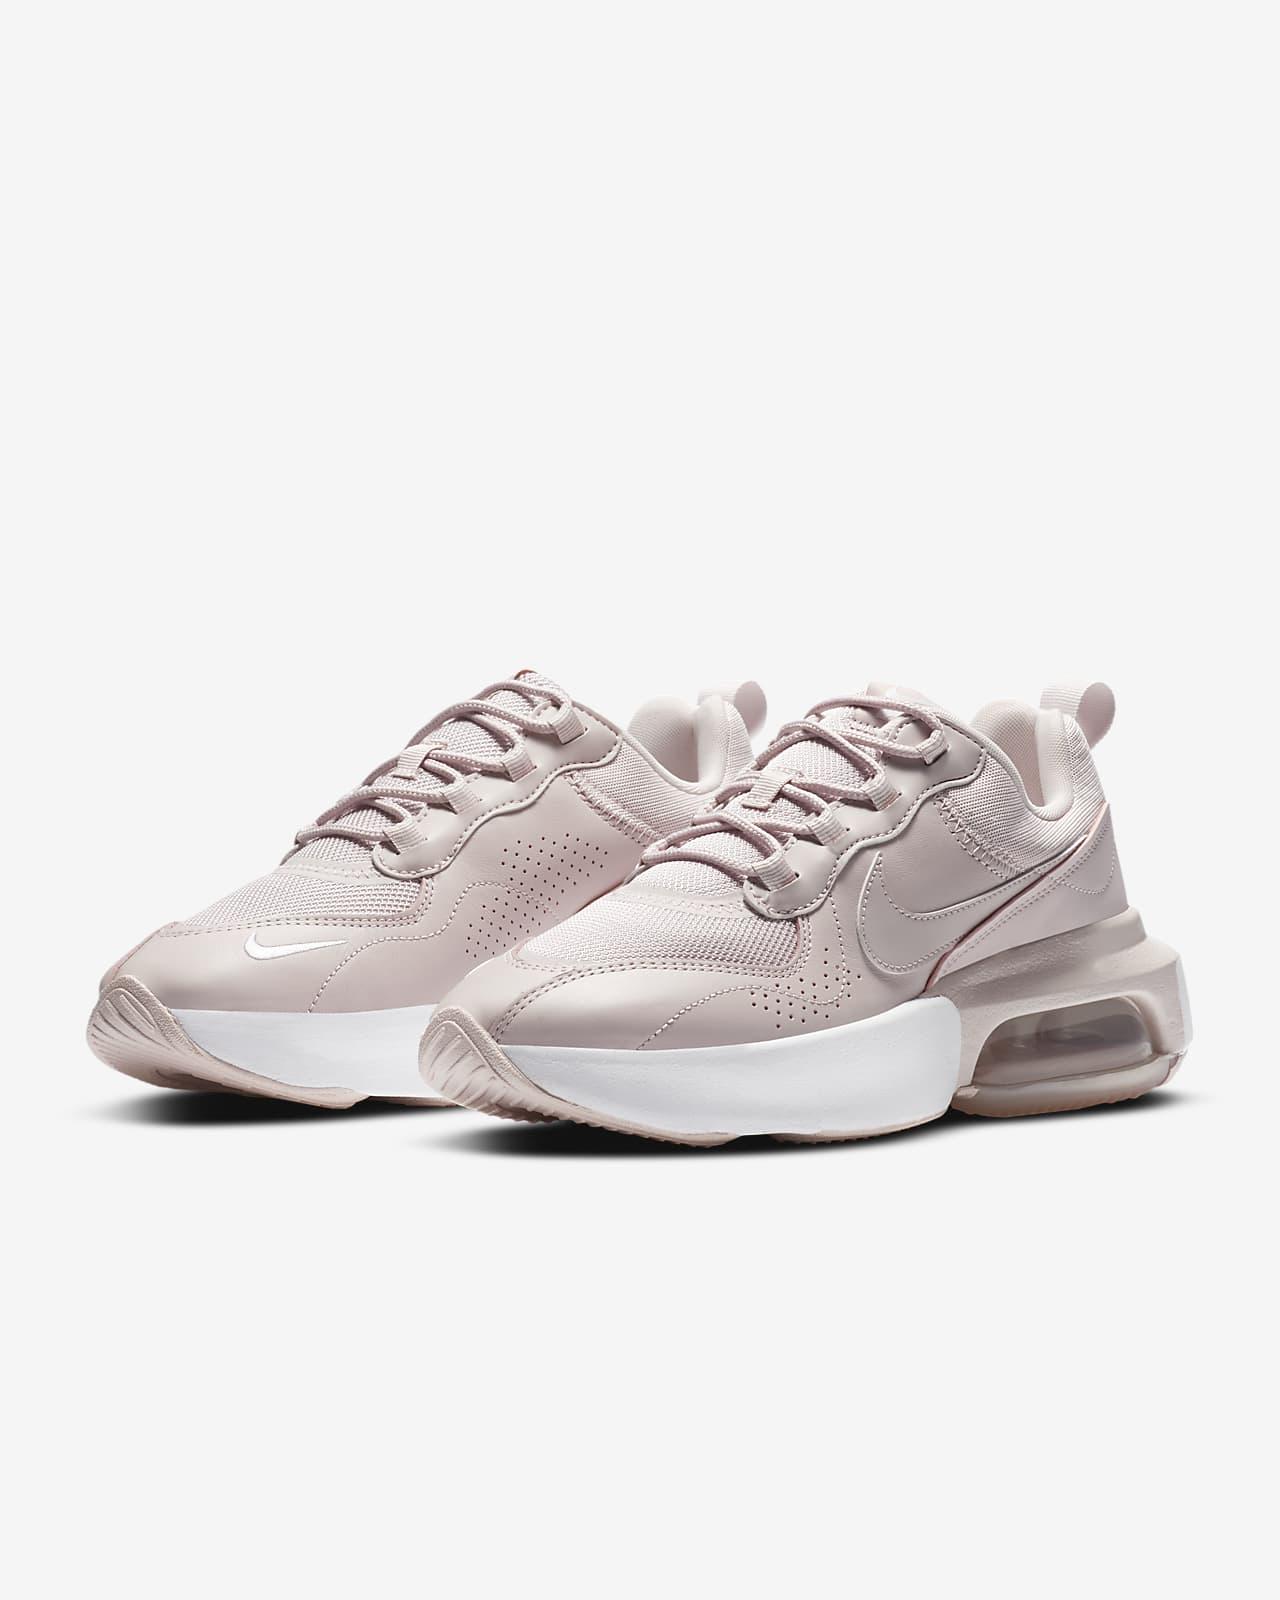 ヴェローナ エア マックス 2月1日発売【Nike WMNS